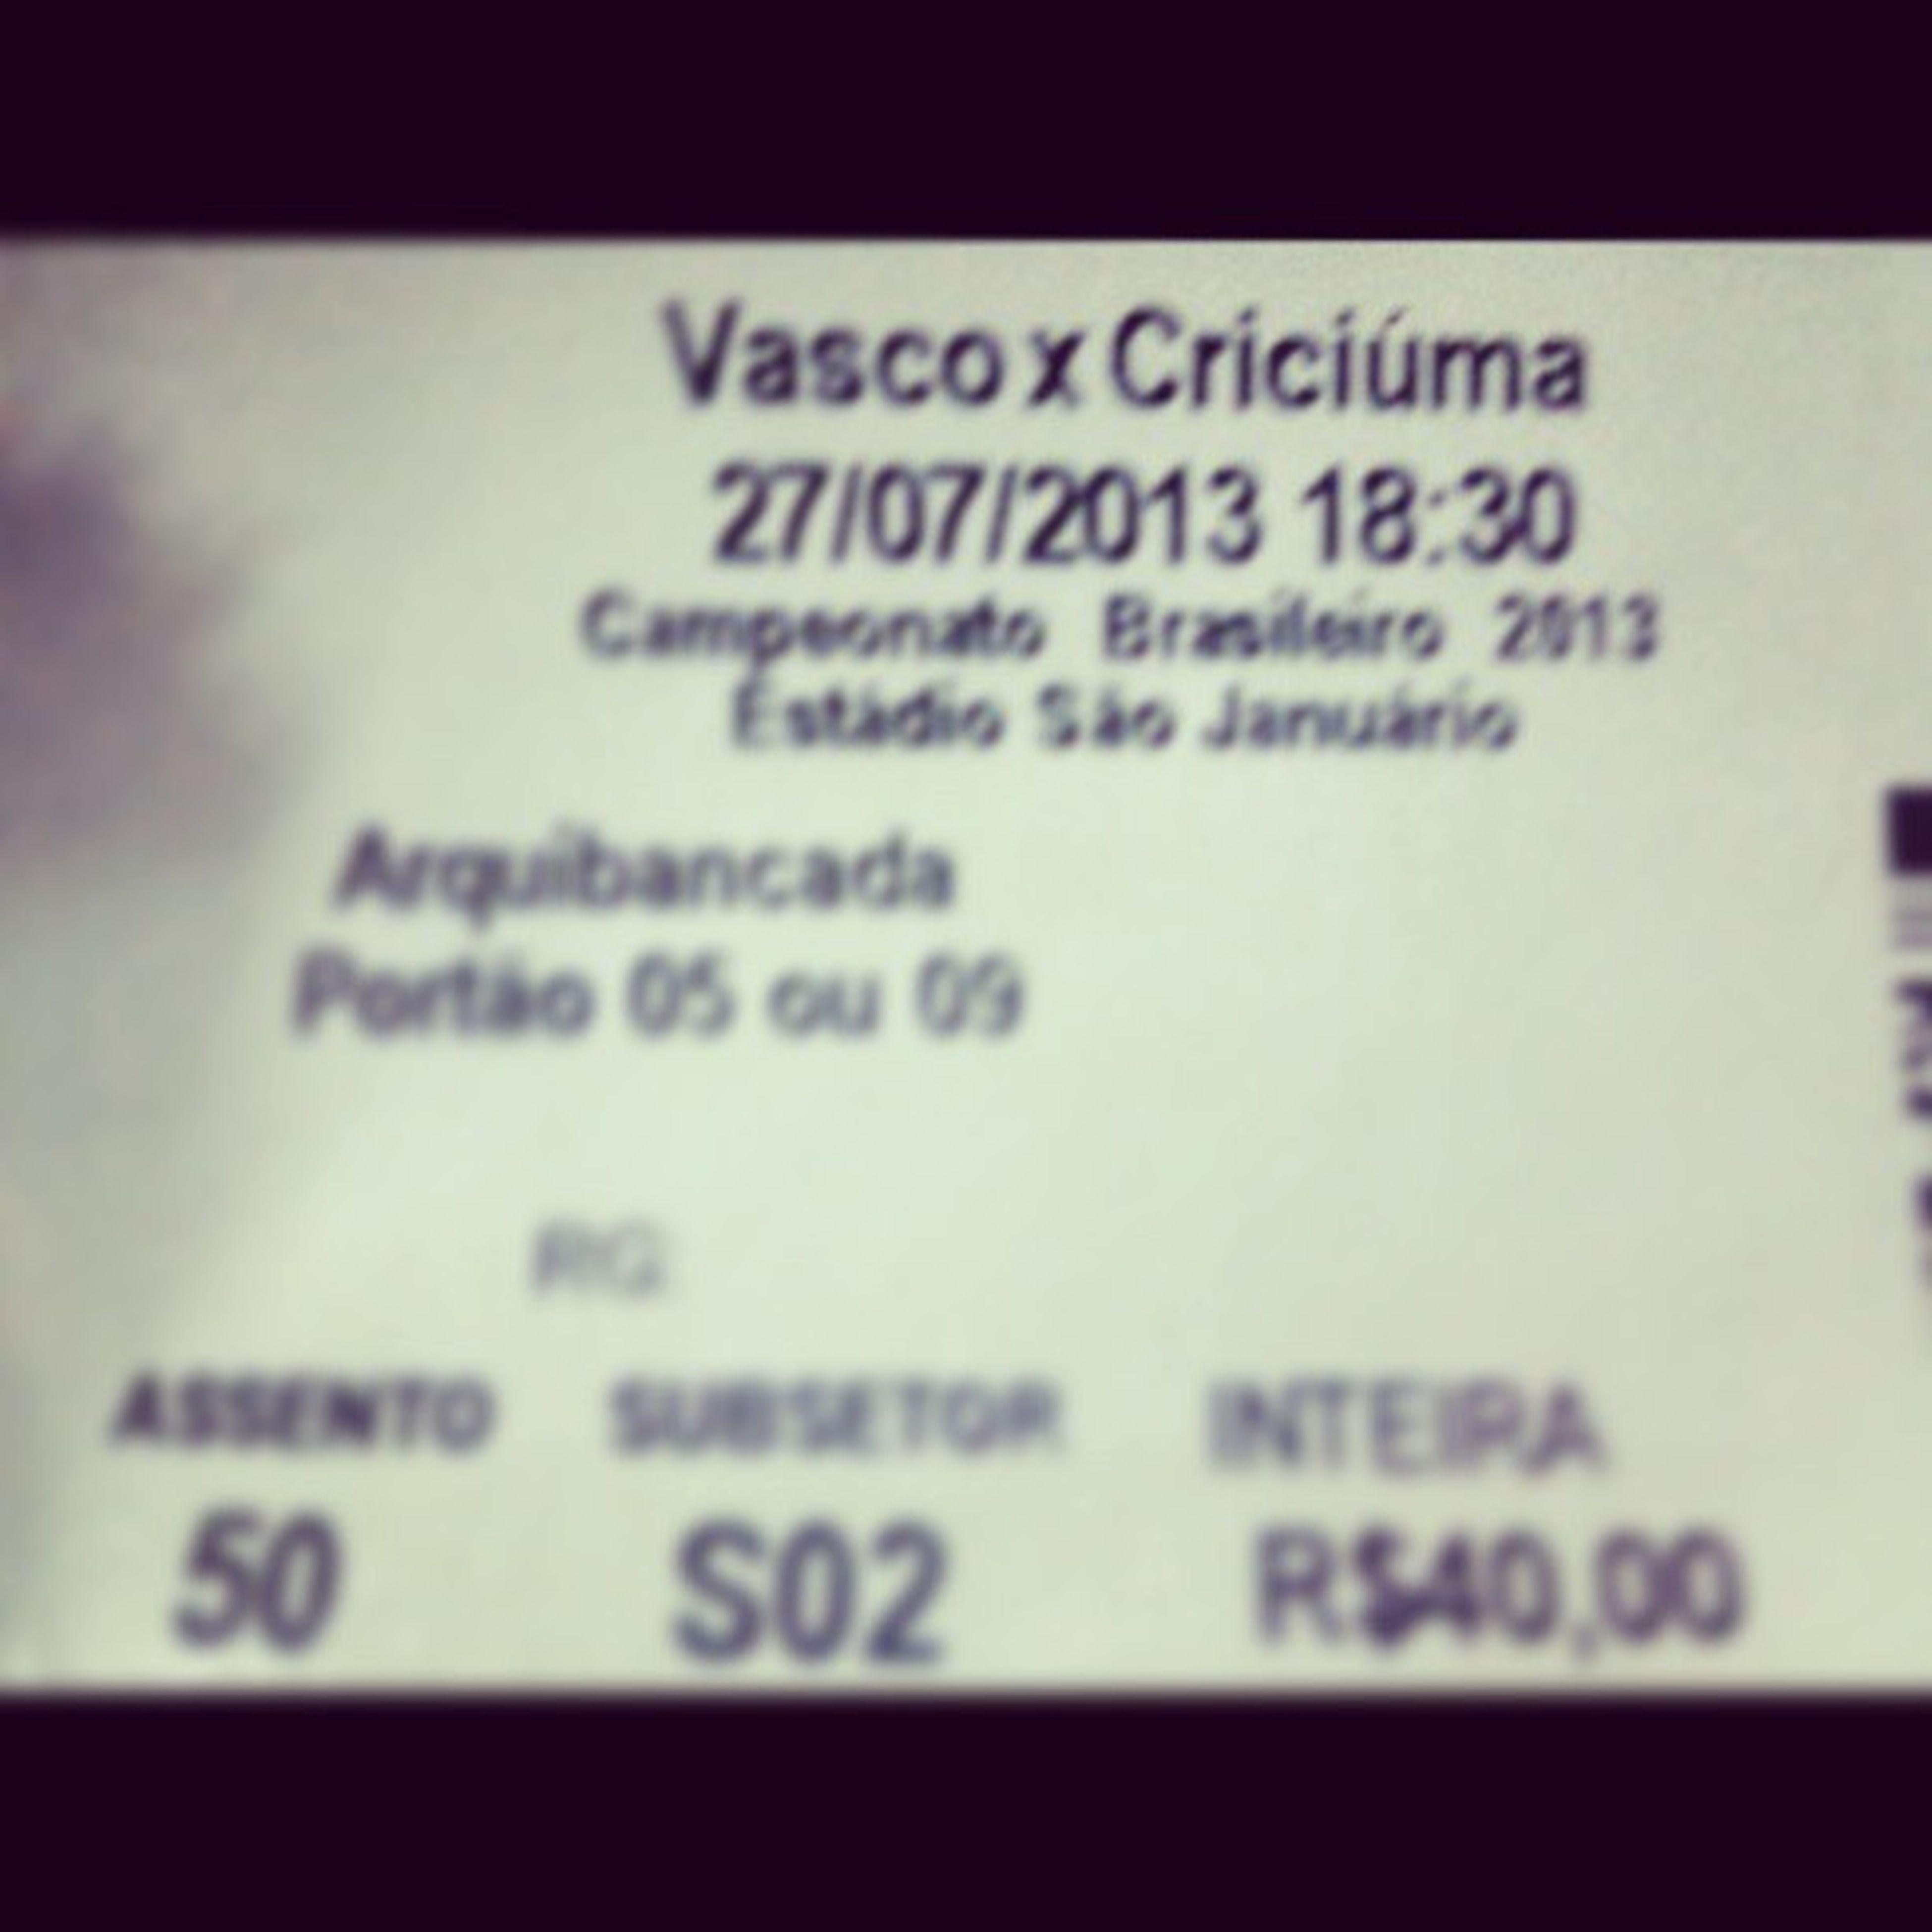 Quem vamos? OSentimentoNuncaParou Vasco